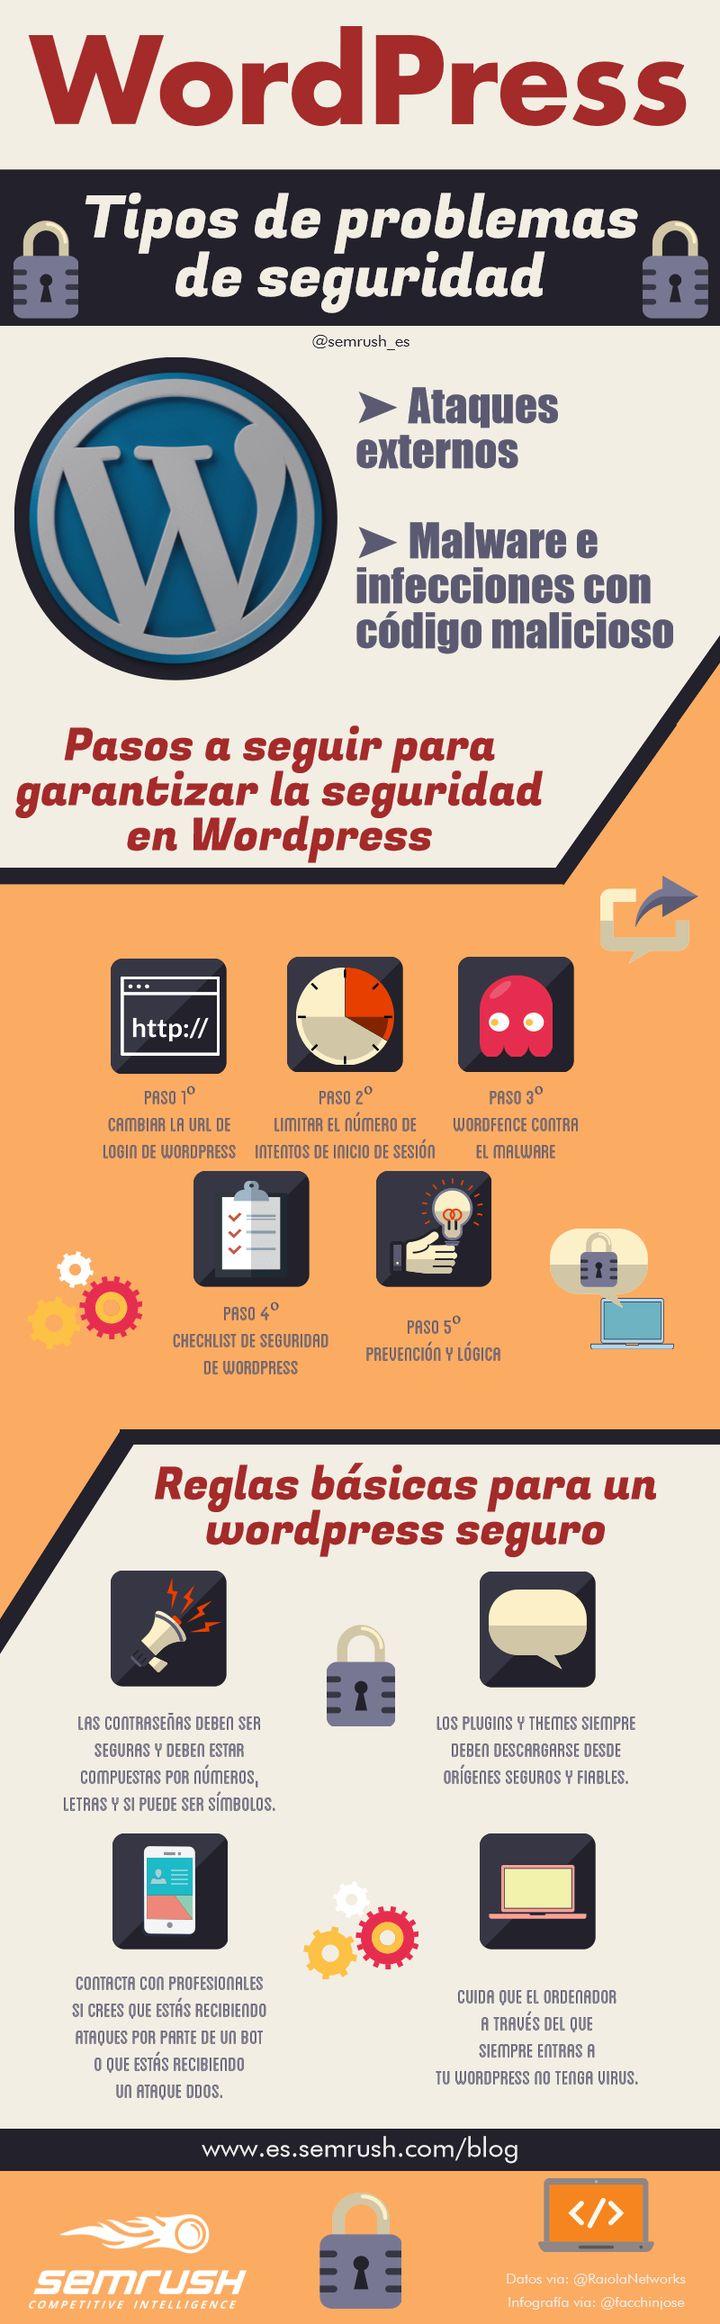 WordPress: Tipos de problemas de seguridad